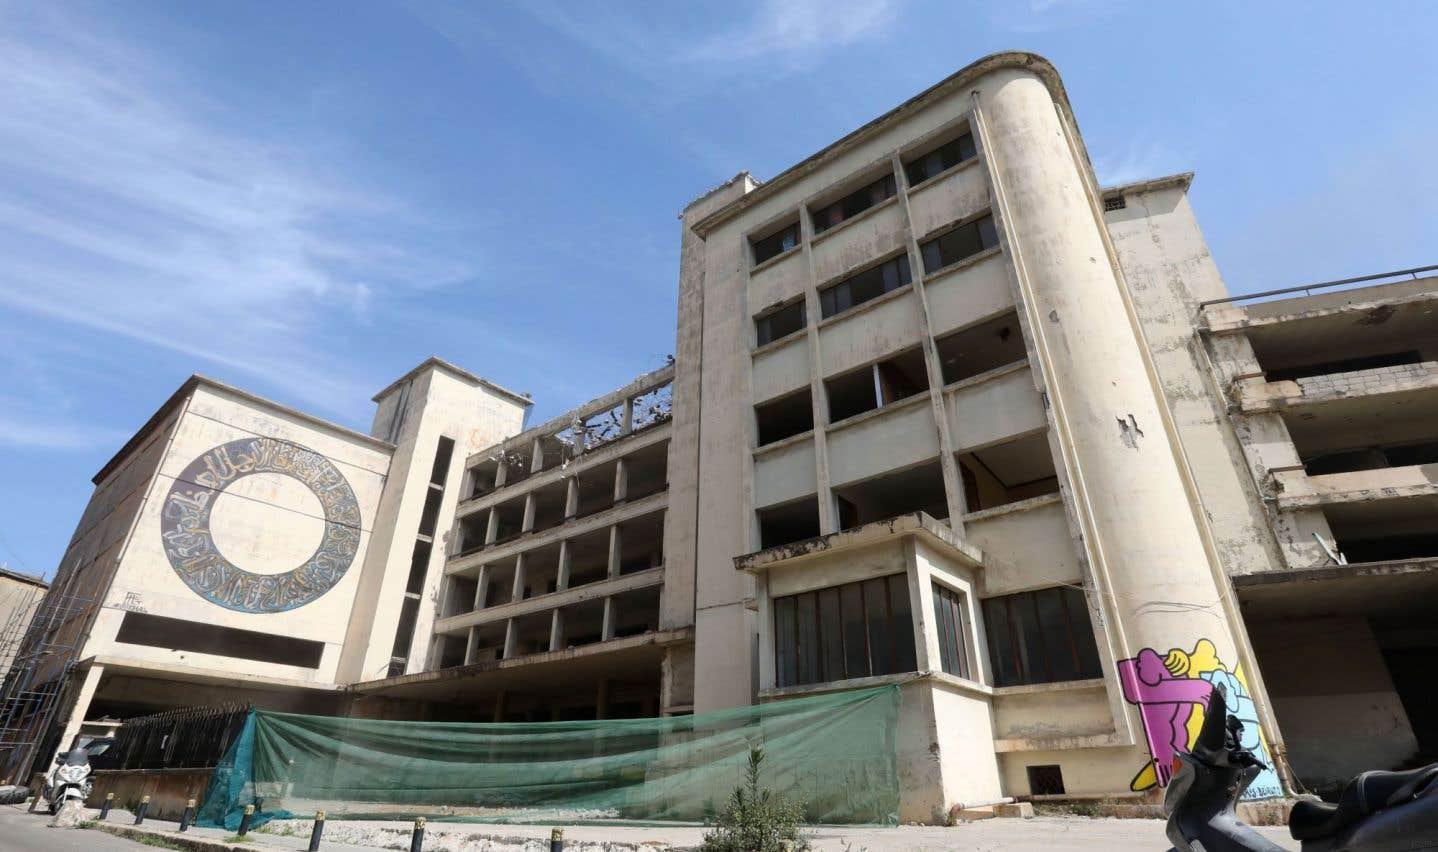 Le «Mar Mikhael Village», complexe comptant maisons, appartements et commerces, prendra la place de la Grande Brasserie du Levant.